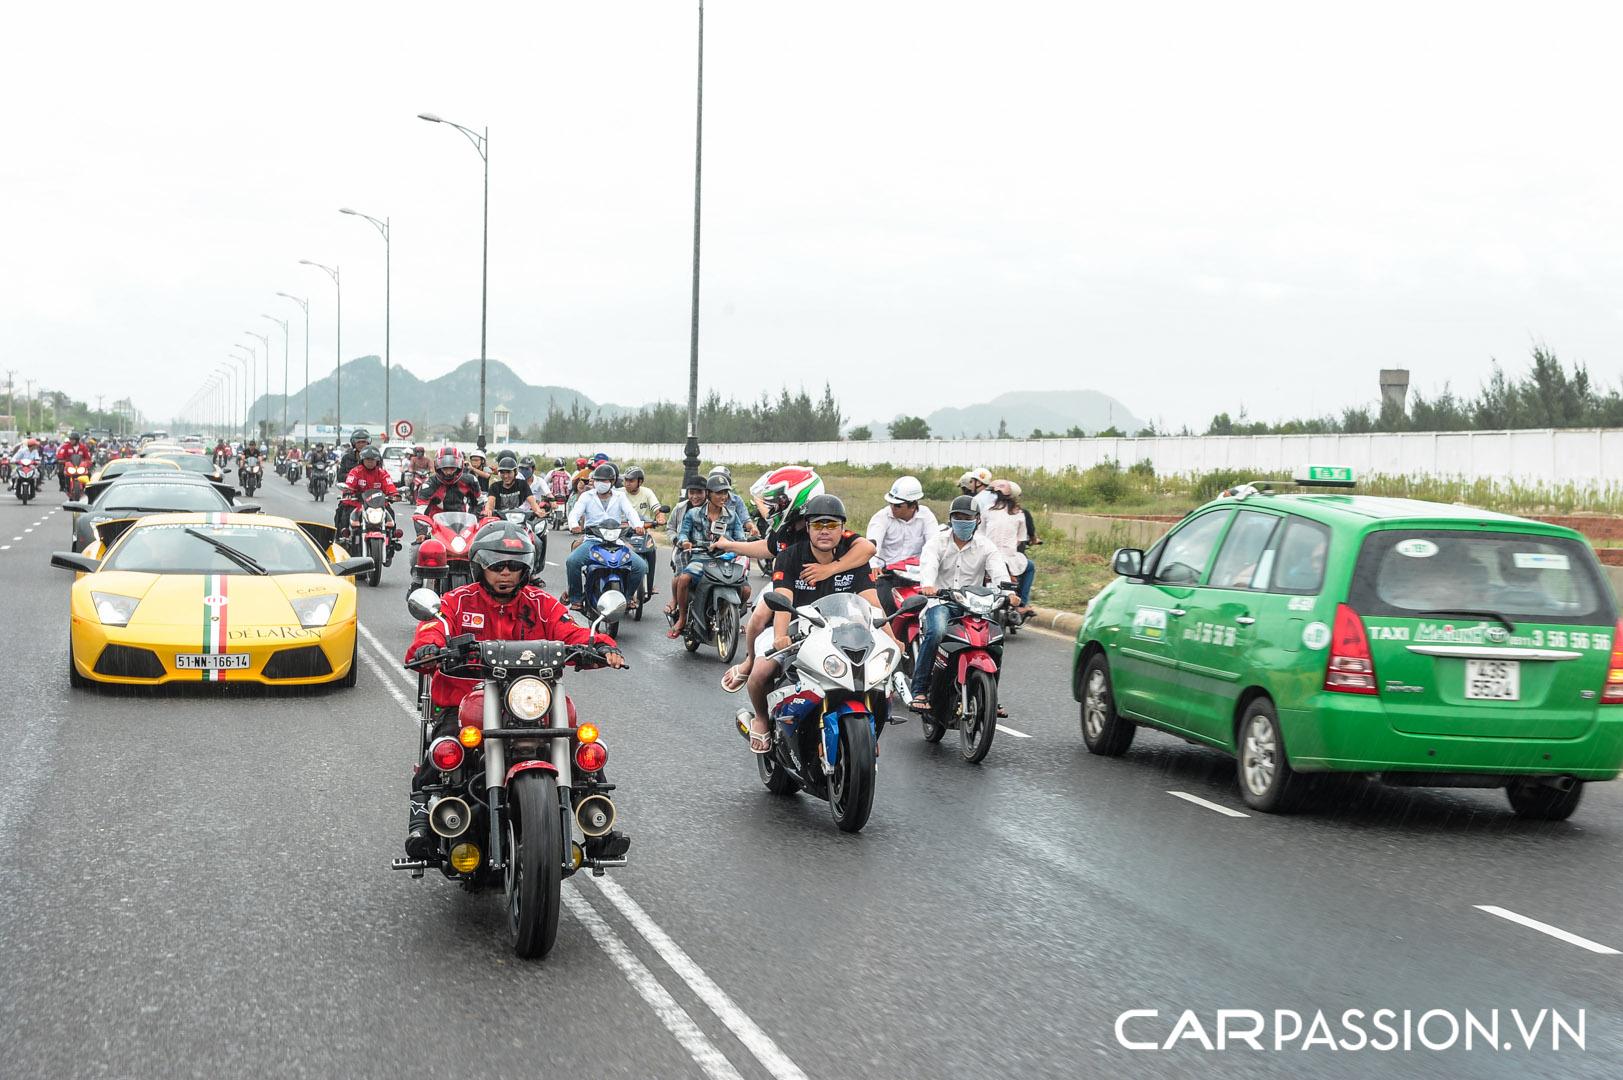 CP-Hành trình siêu xe CarPassion 2011 Day 5 (200).jpg